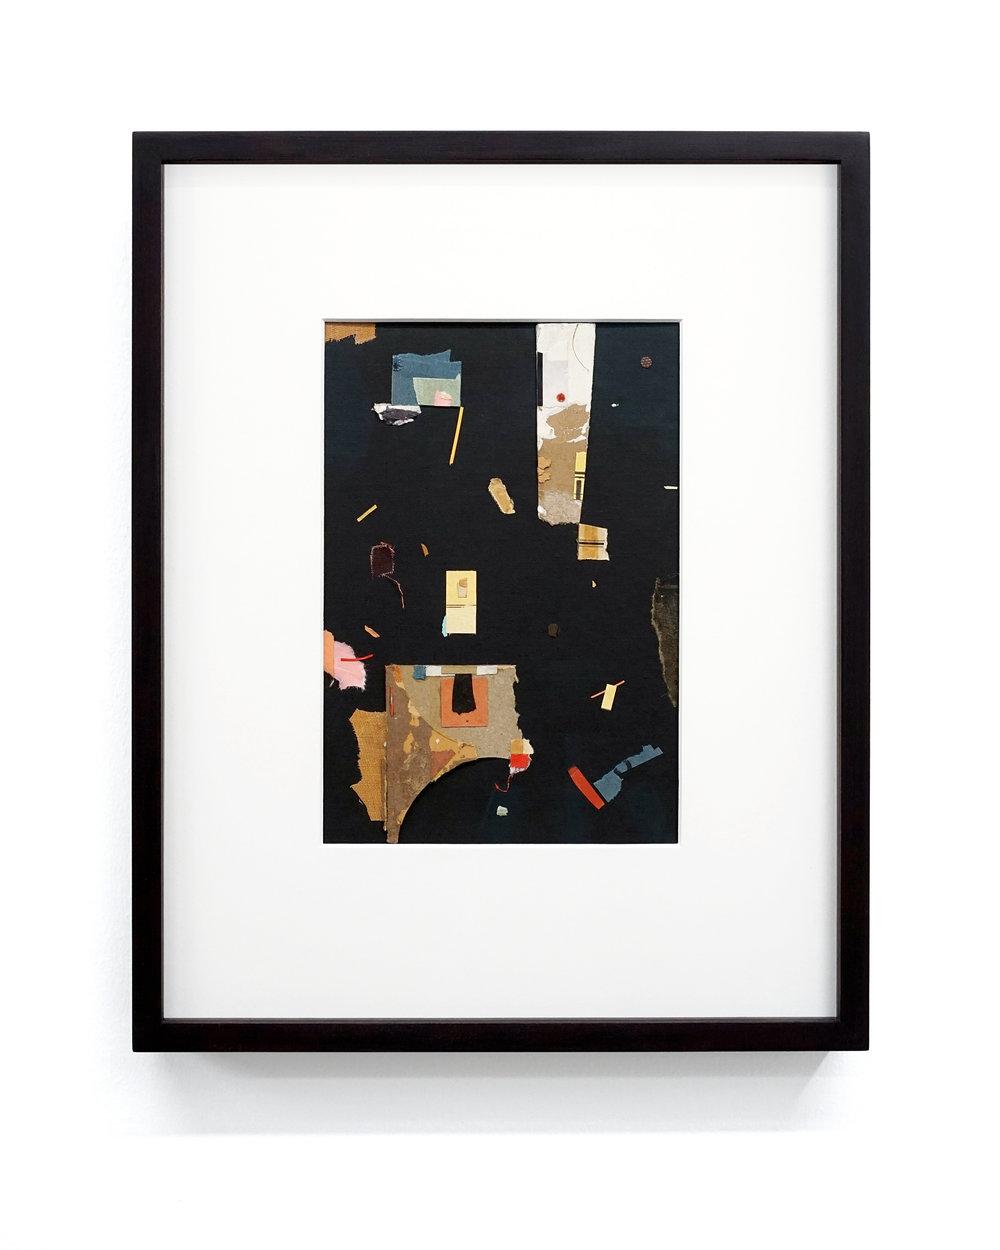 """Jacob Whibley, oio , 2017, papiers trouvés sur carton, 13 x 20 cm (5.5"""" x 8"""")"""